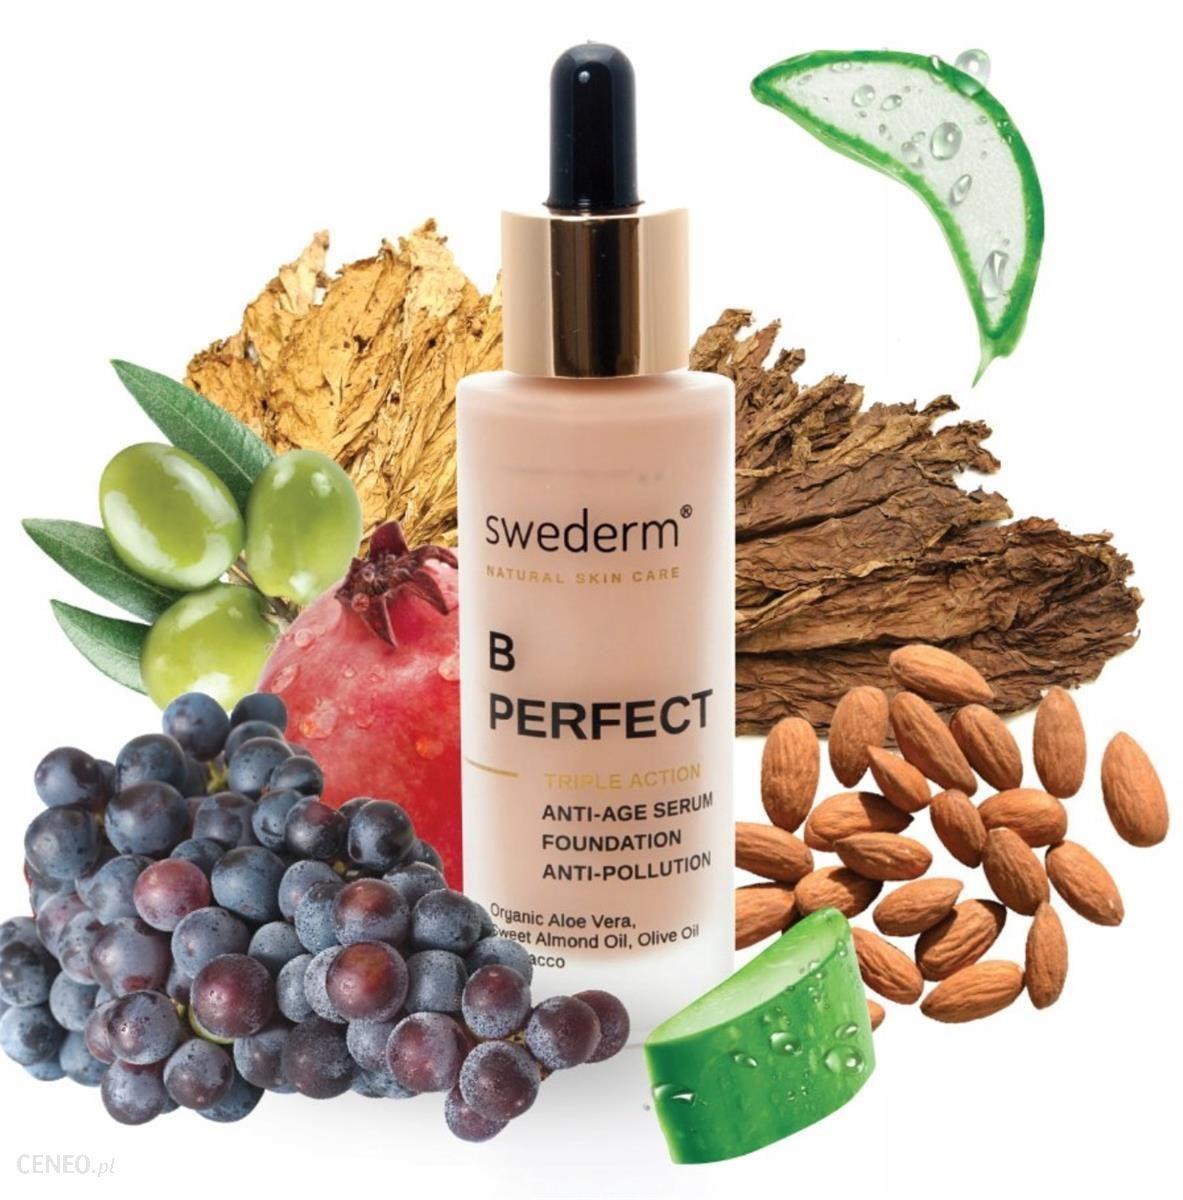 Swederm Bperfect Triple Action Fluid Serum Przeciwzmarszczkowe I Ochrona Przed Zanieczyszczeniami I Promieniami Słonecznymi 30 Ml